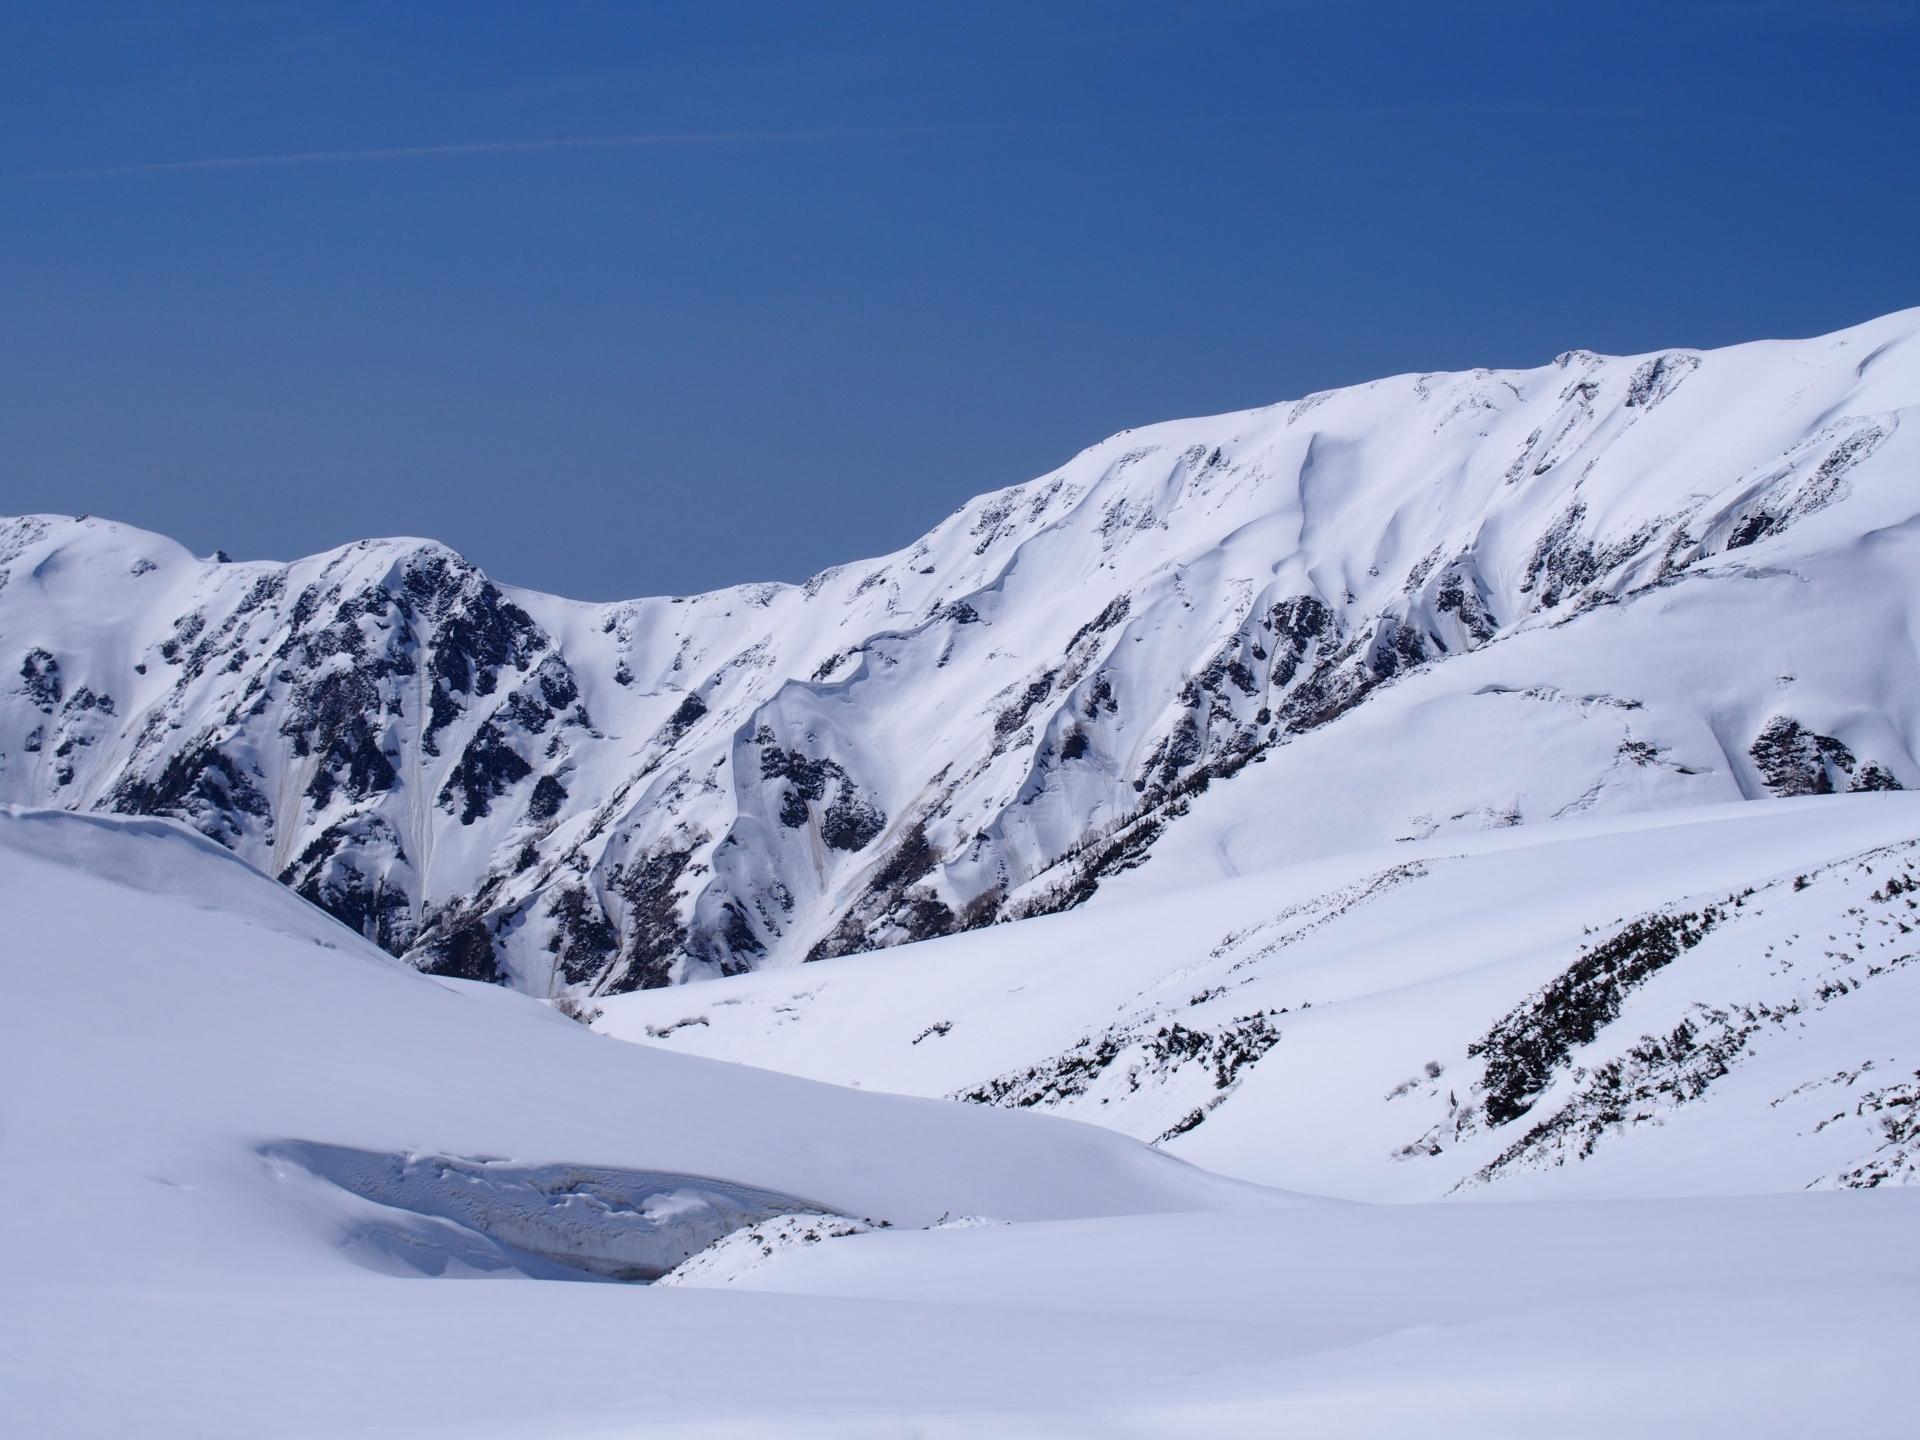 立山-黑部高山路线